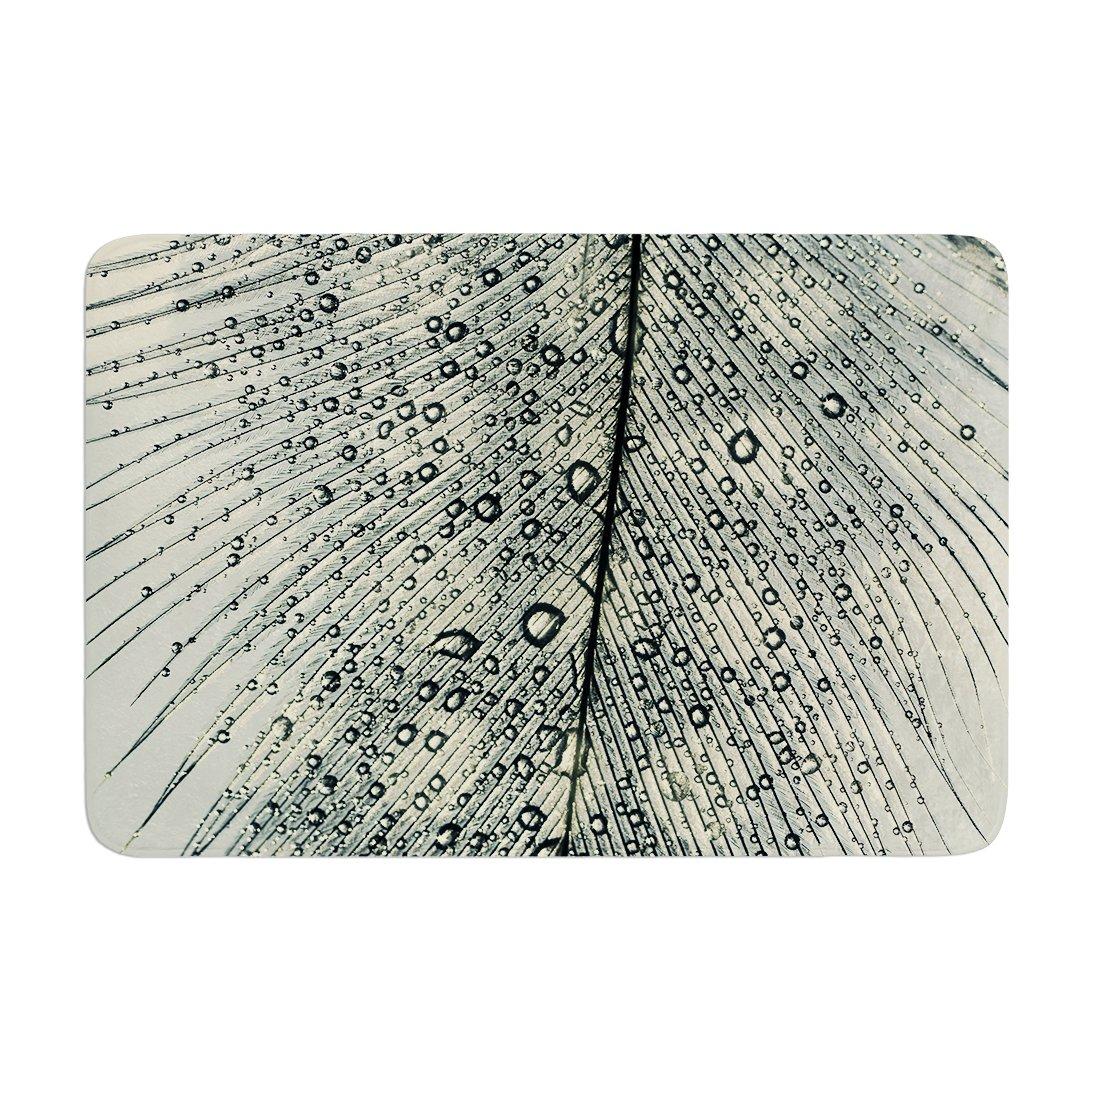 17 by 24 Kess InHouse Ingrid Beddoes Feather Light Memory Foam Bath Mat